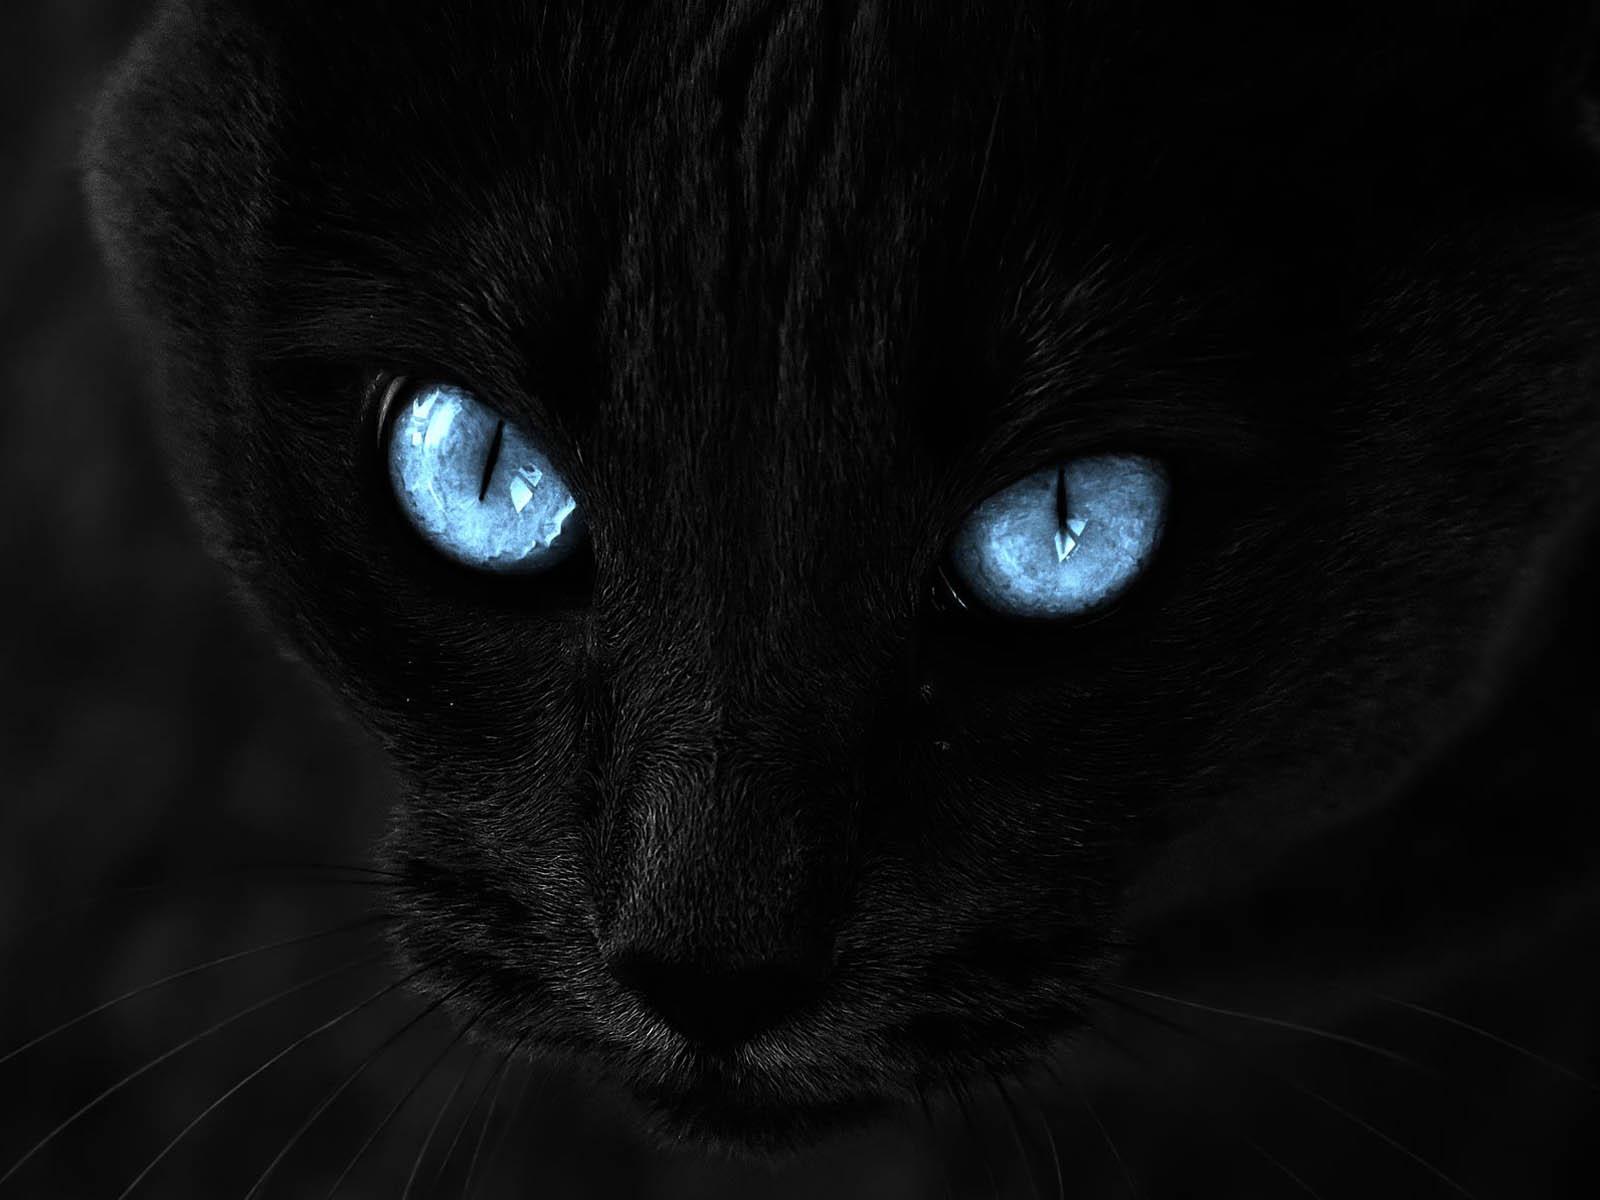 Hình ảnh mèo đen mắt xanh